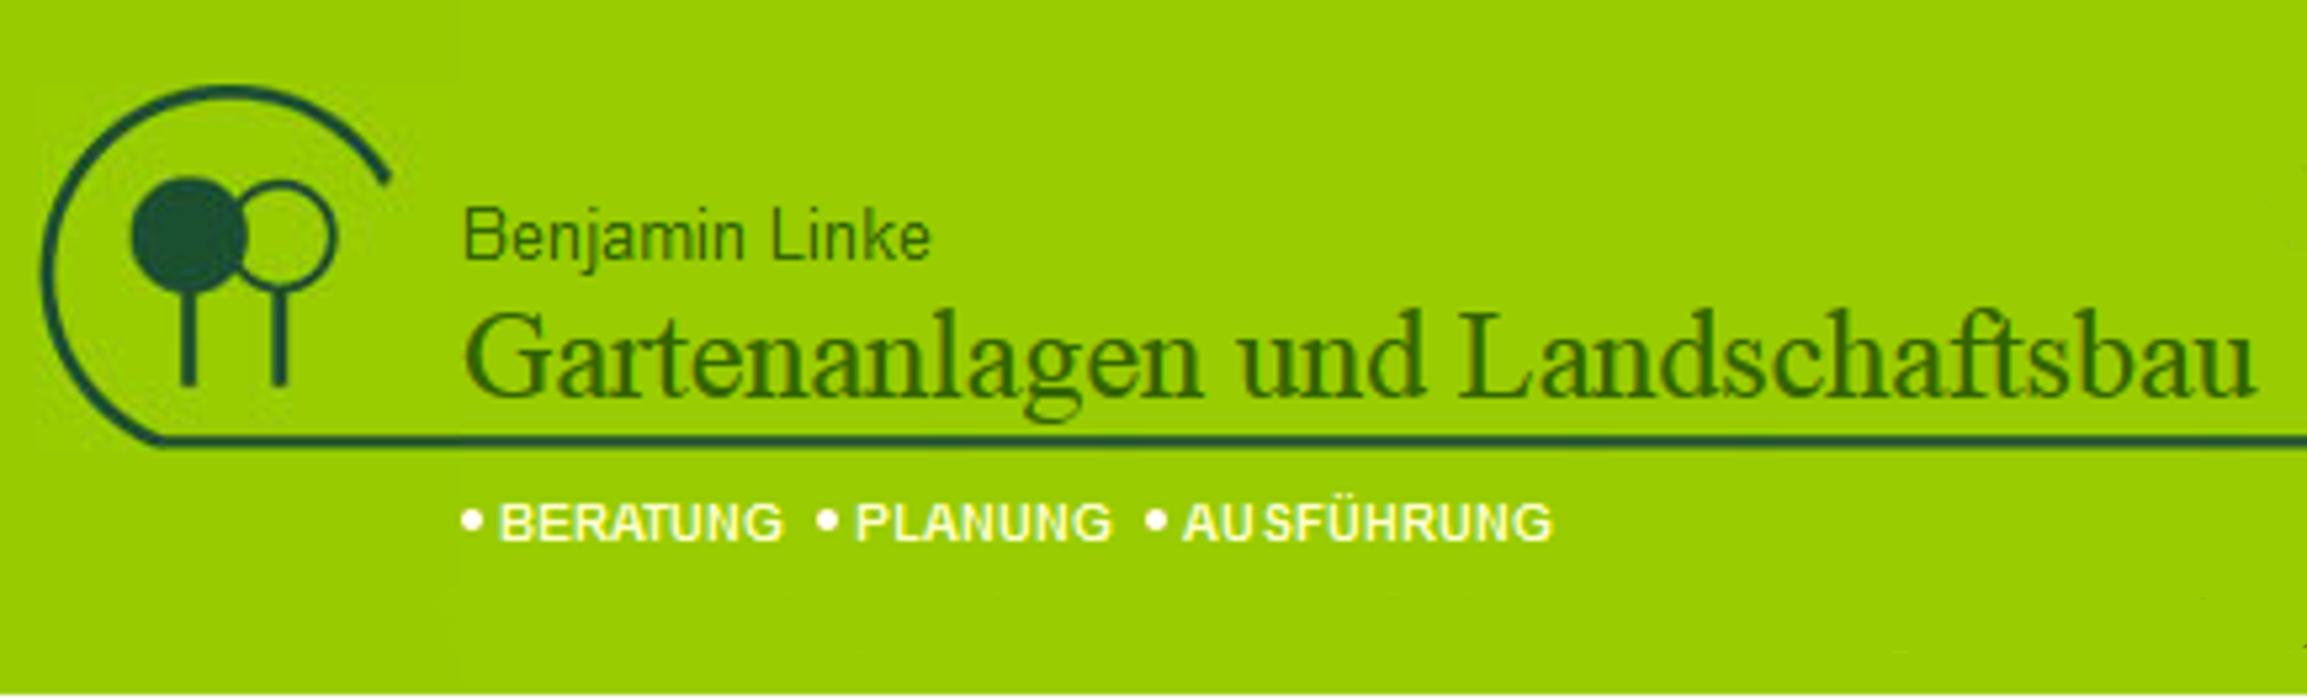 Bild zu Benjamin Linke - Gartenanlagen und Landschaftsbau in Berlin